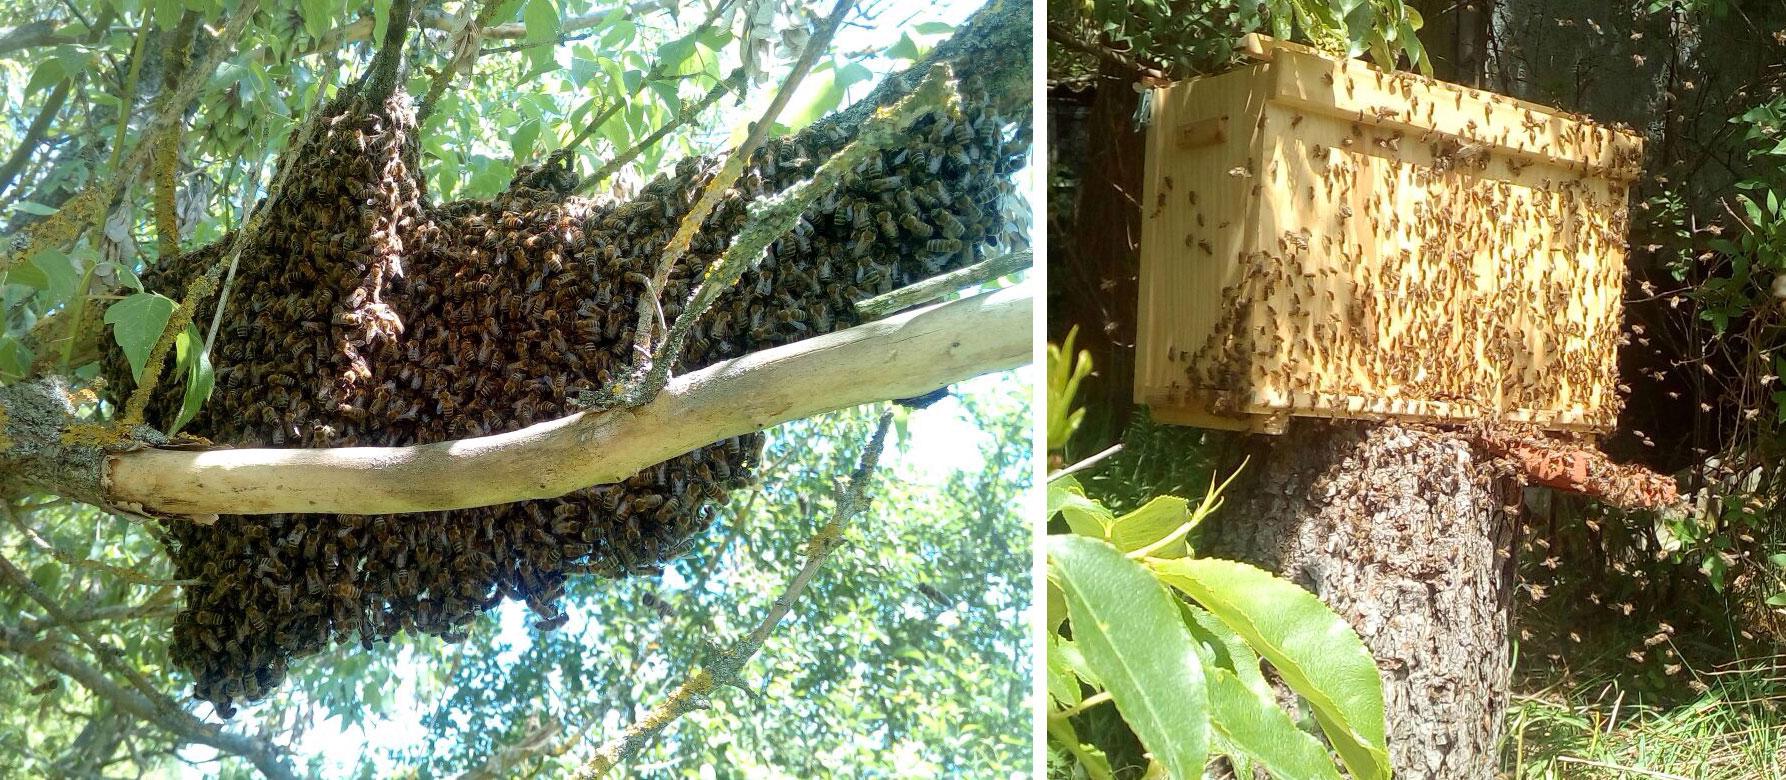 Bienenschwarm in Rehagen, frei und gefangen - Carlo